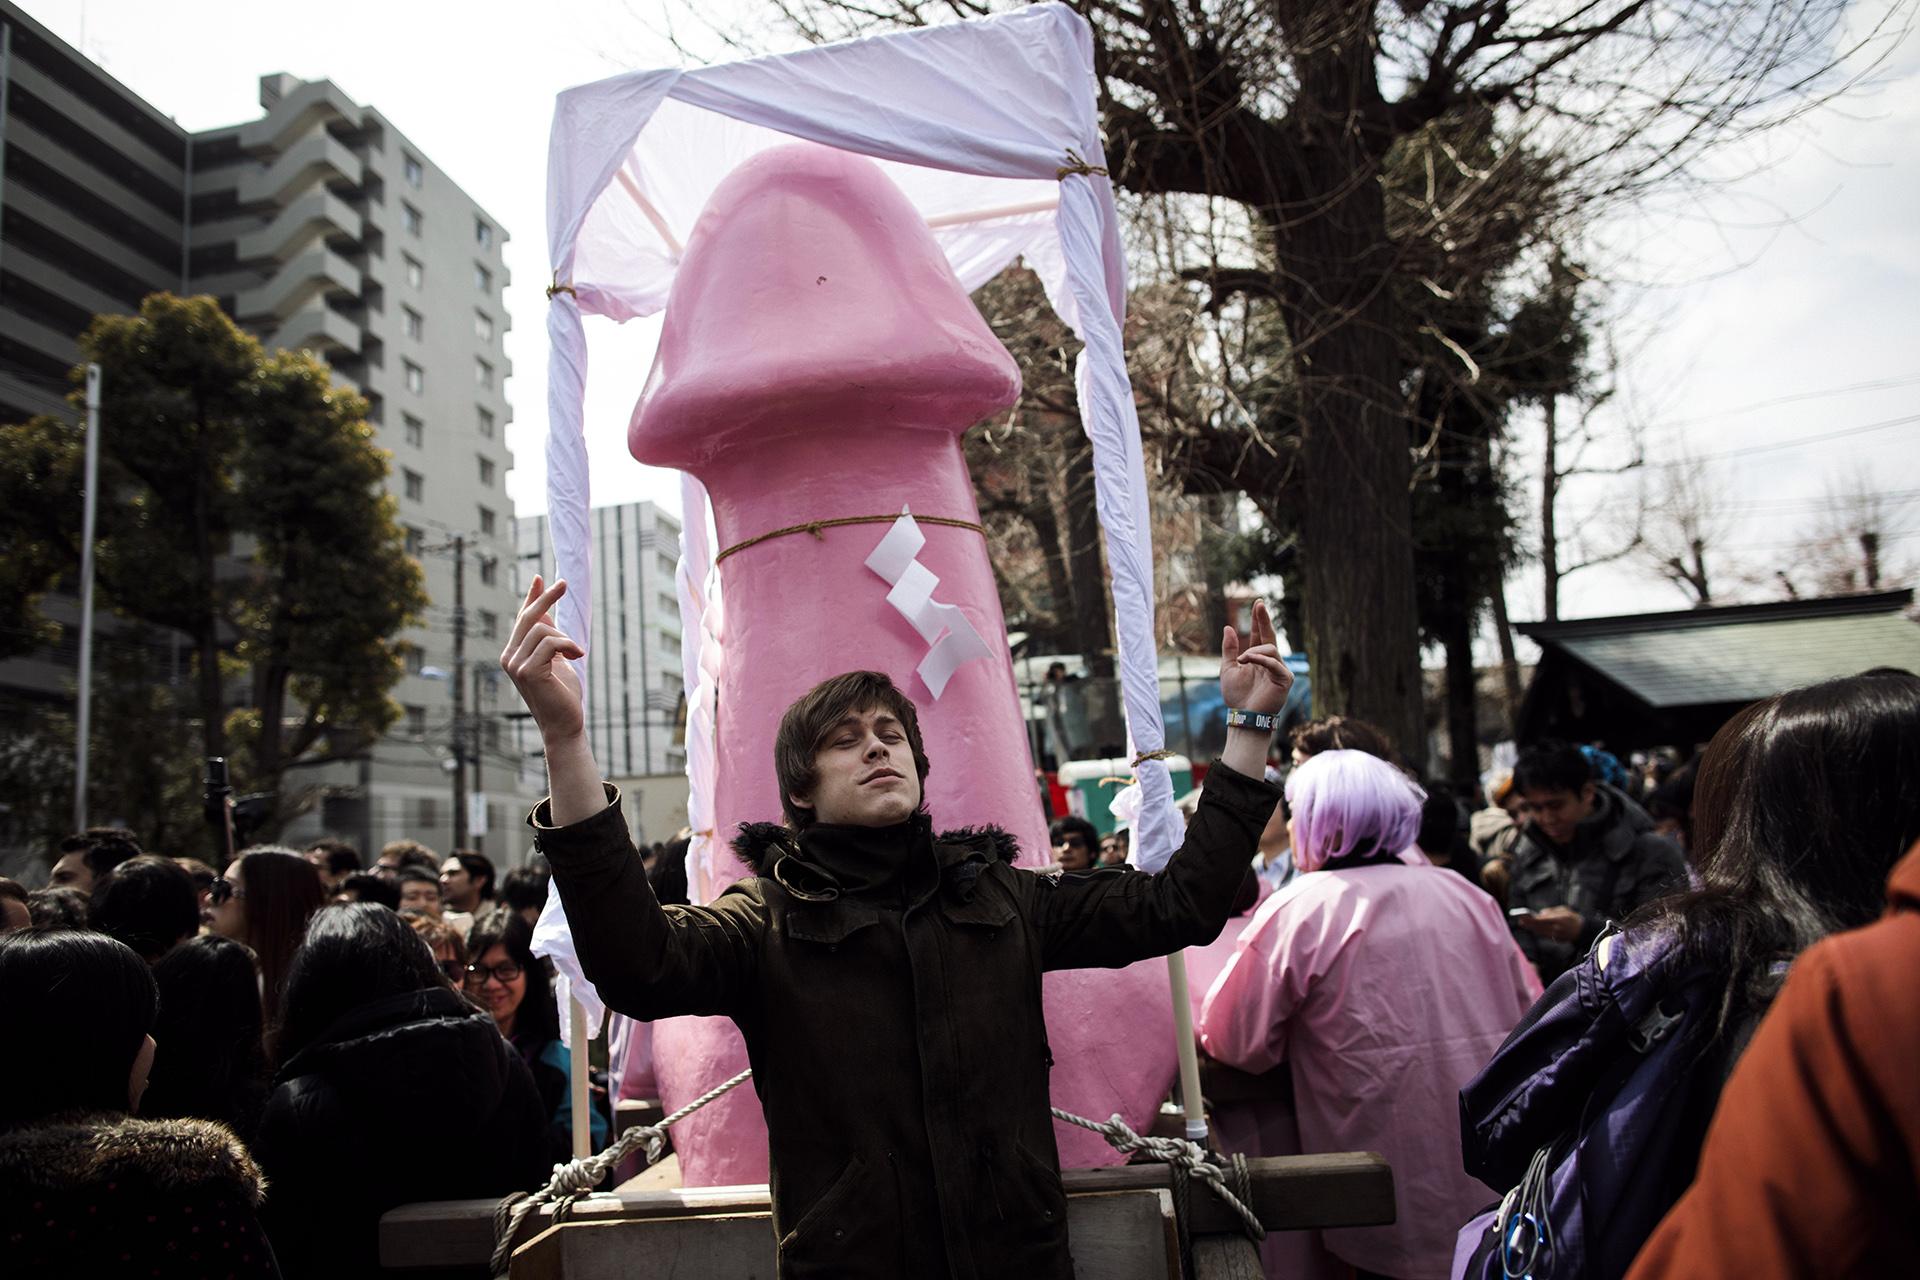 Un hombre posa al lado de un gran monumento fálicodurante el Festival de Kanamara, anual, en Kawasaki. el 2 de abril de 2017 (AFP)